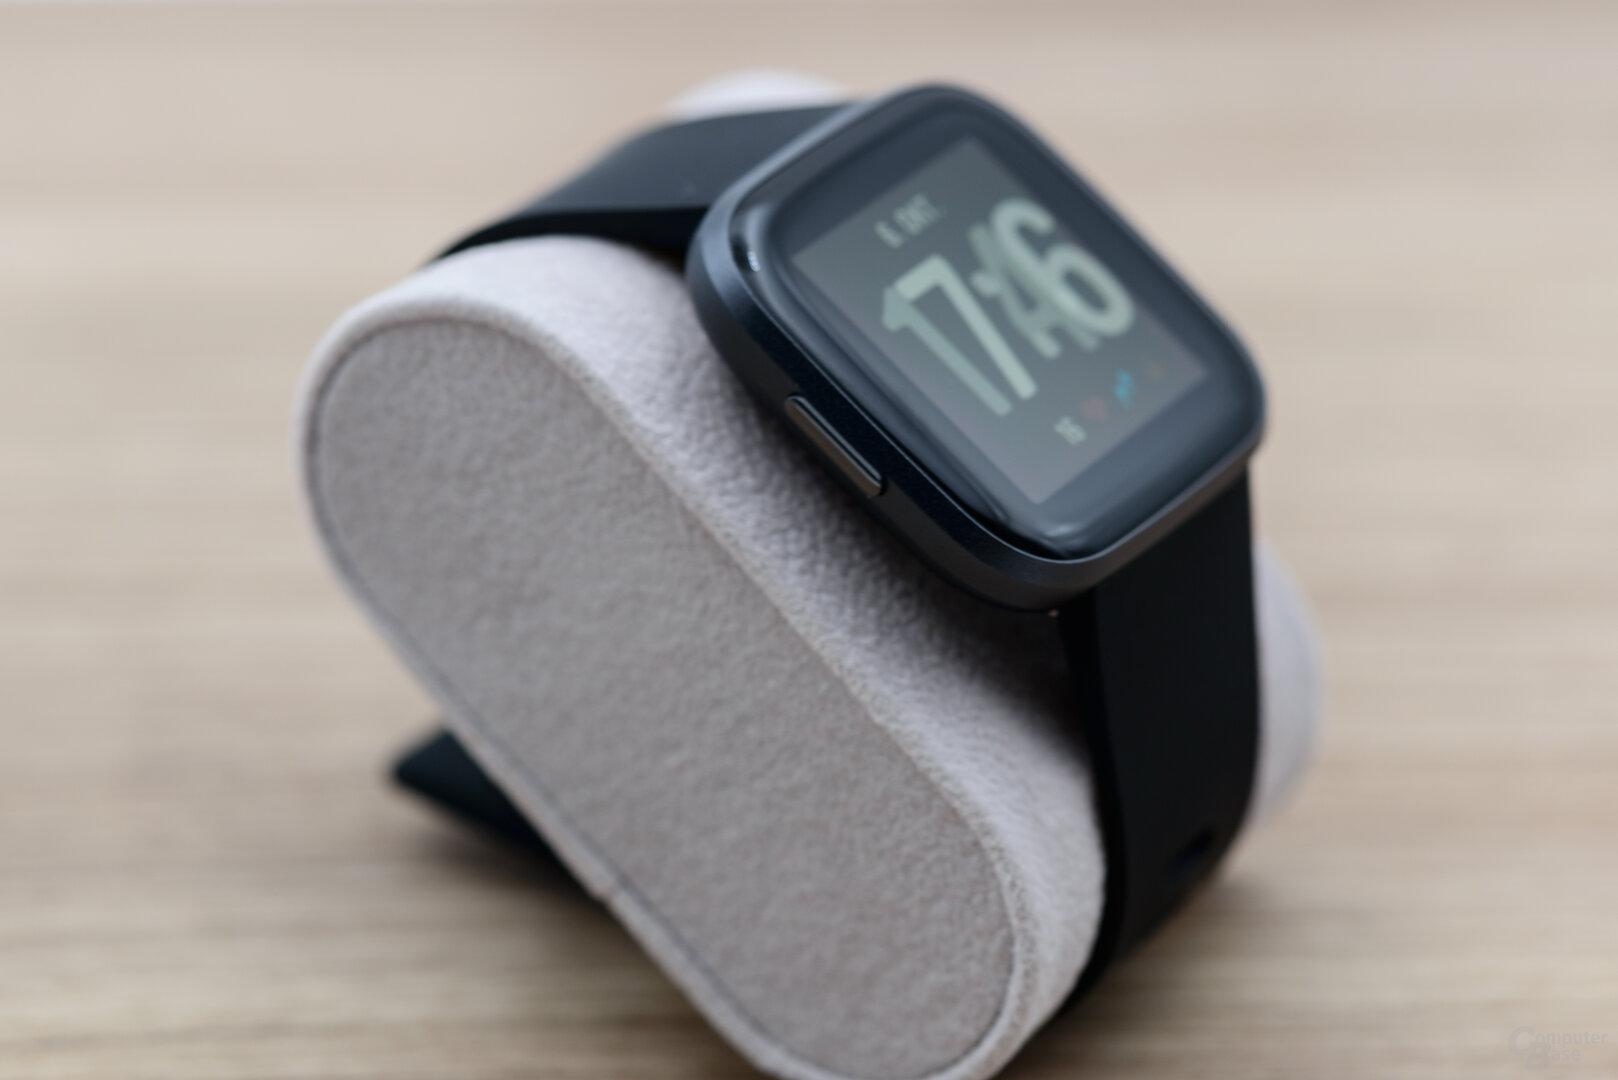 Fitbit Versa 2: Seitenansicht mit Homebutton